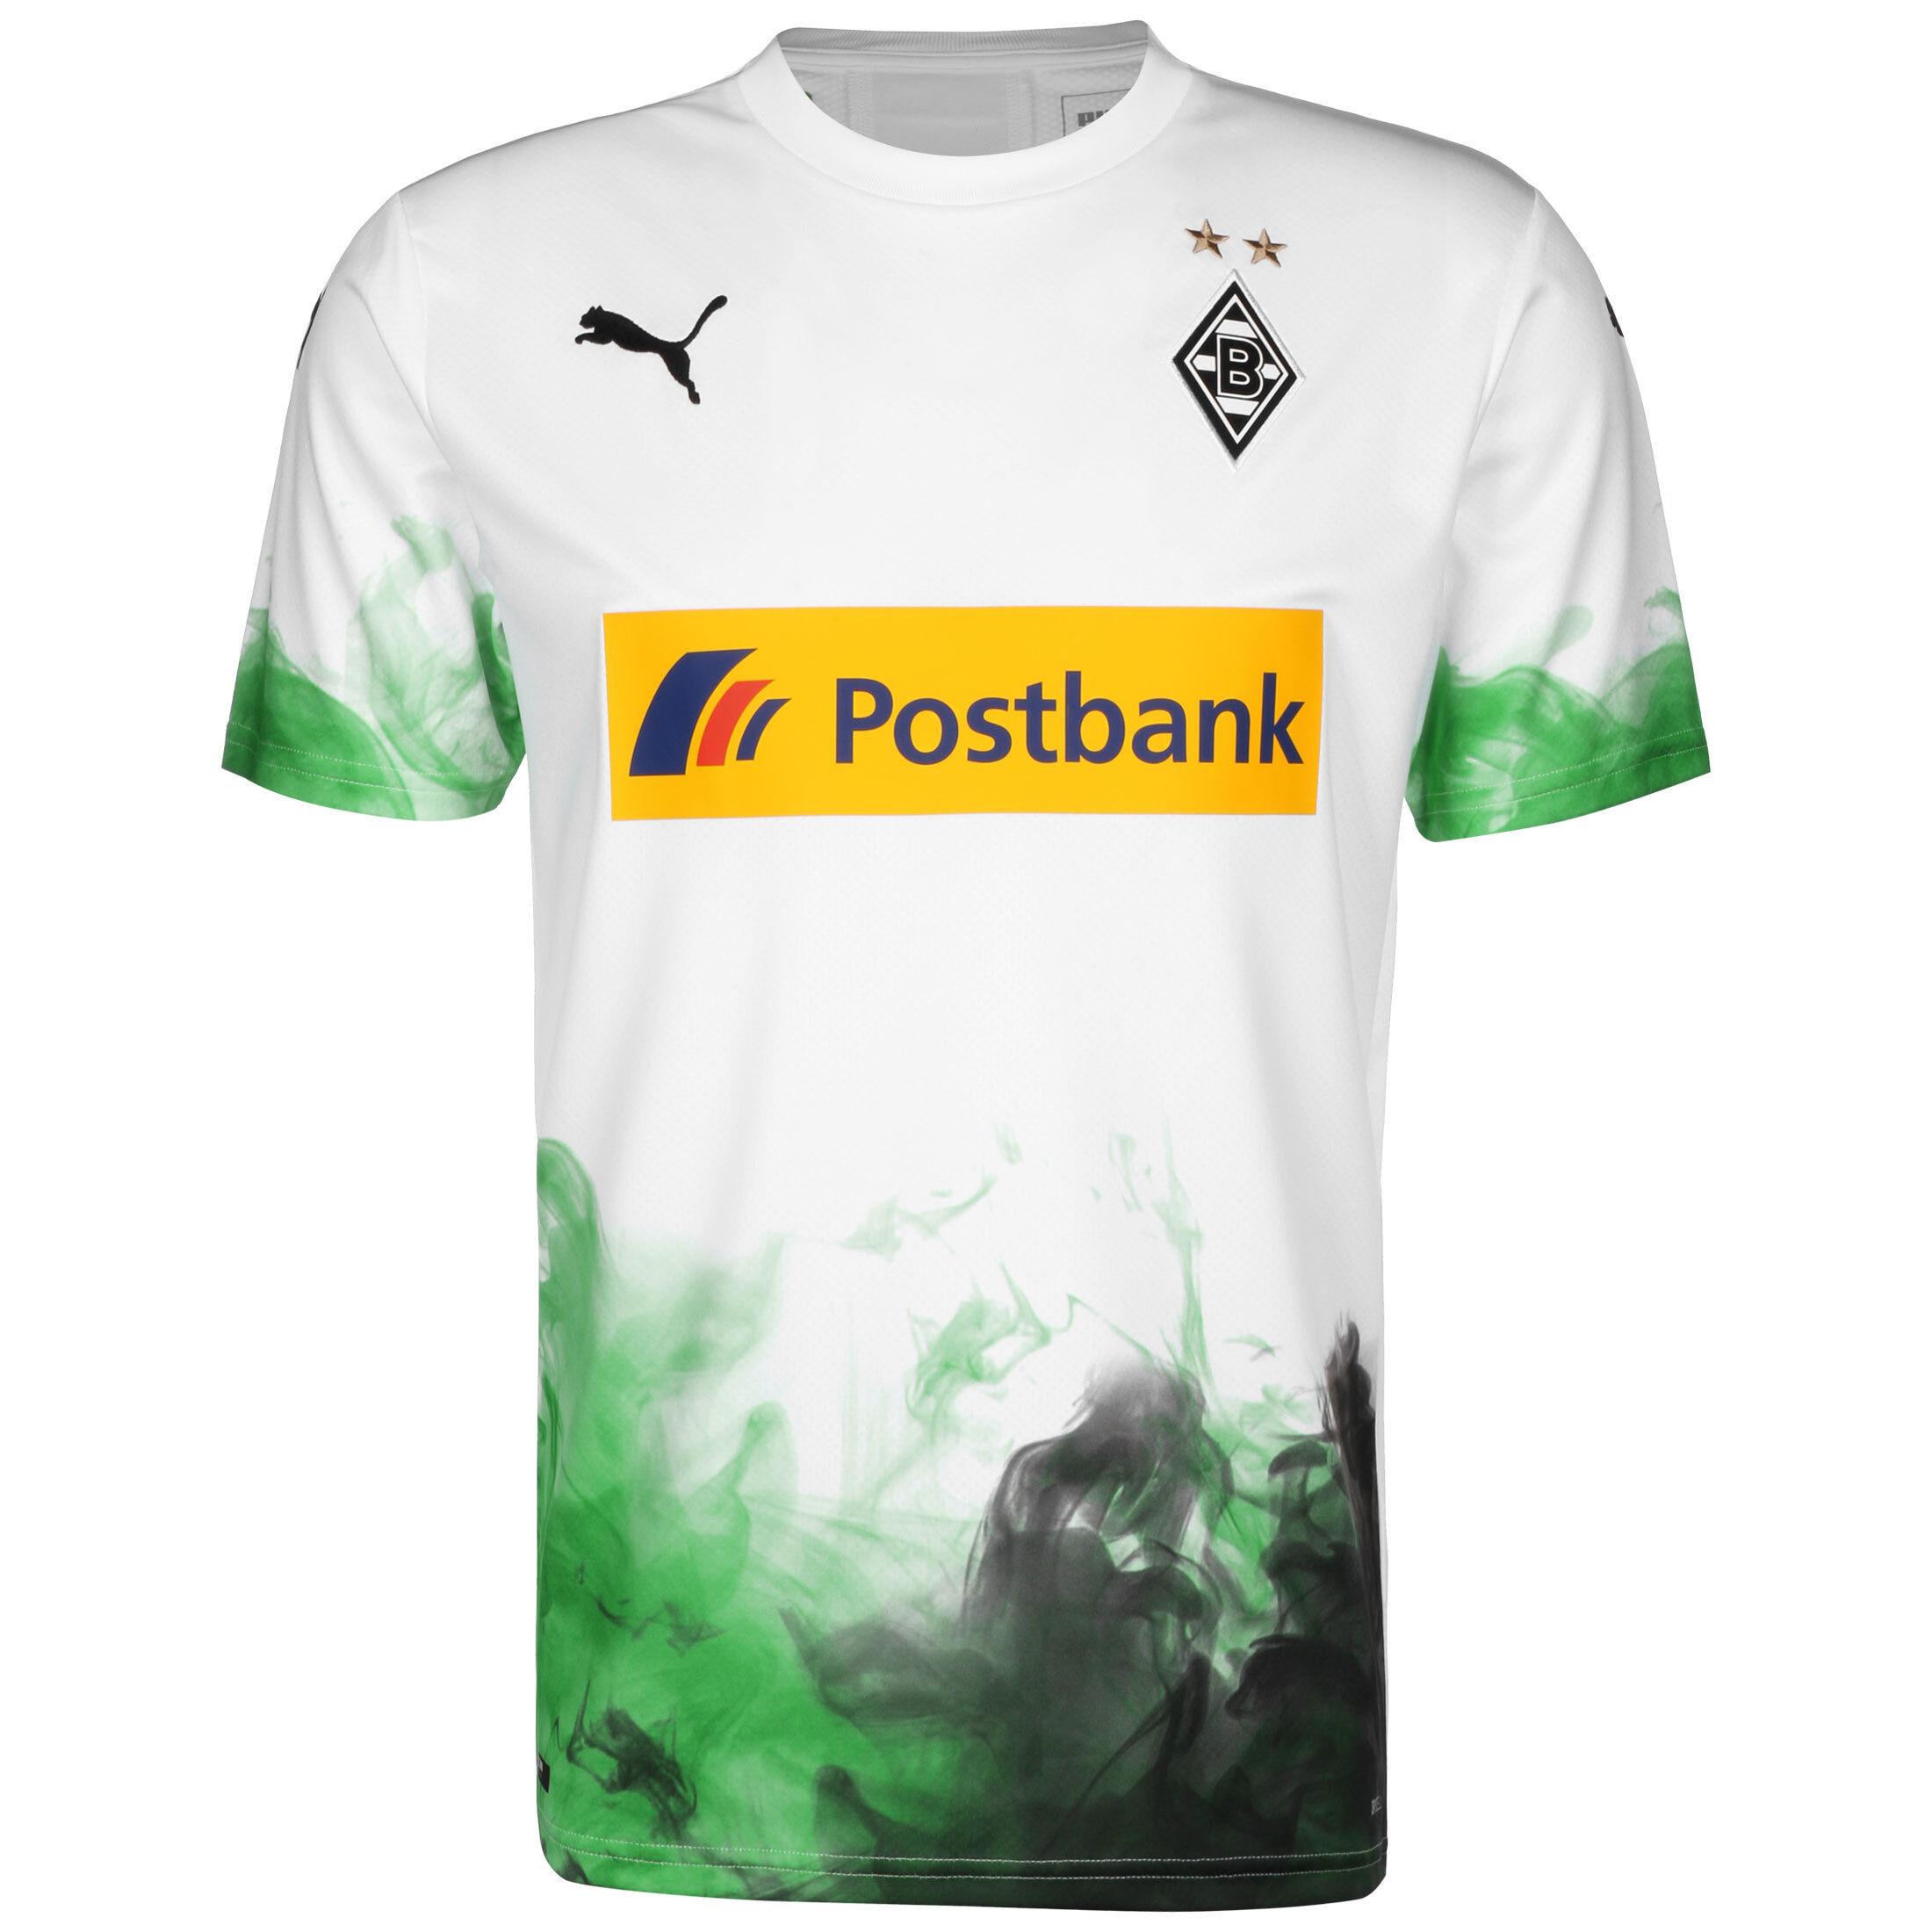 Bei Bei Borussia FanshopBundesliga Outfitter Borussia FanshopBundesliga Mönchengladbach Mönchengladbach ZiTkwOXPu